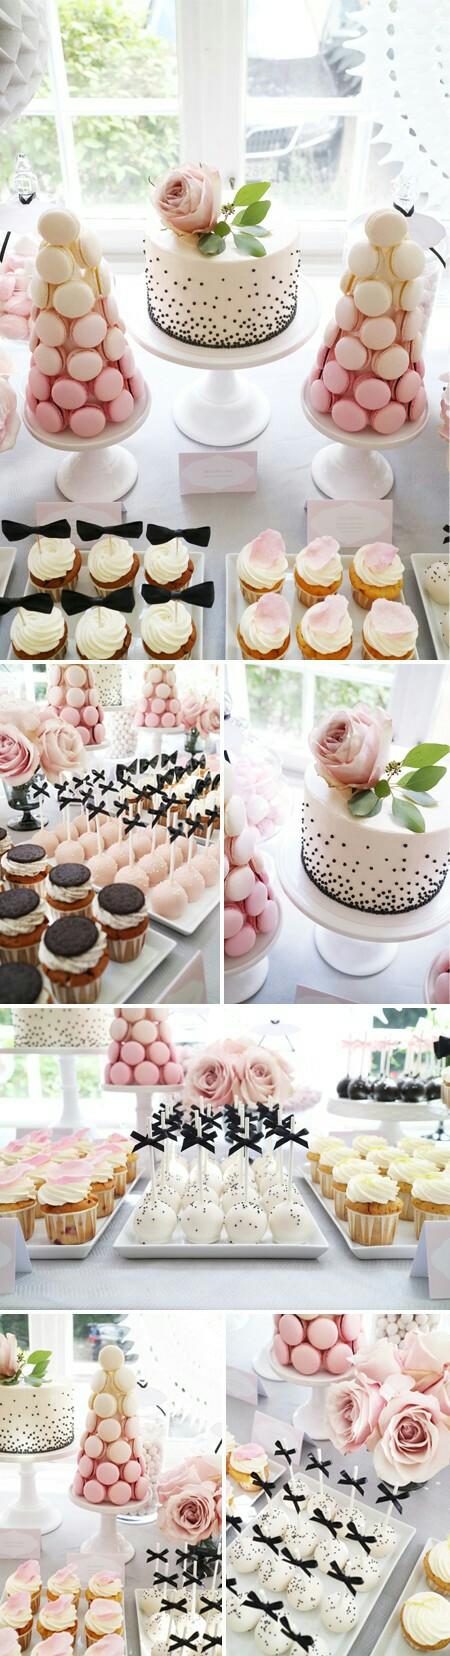 Tortas  rut sweet 16  Pinterest  Hochzeit Buffet Hochzeitsessen and Hochzeit sigkeiten